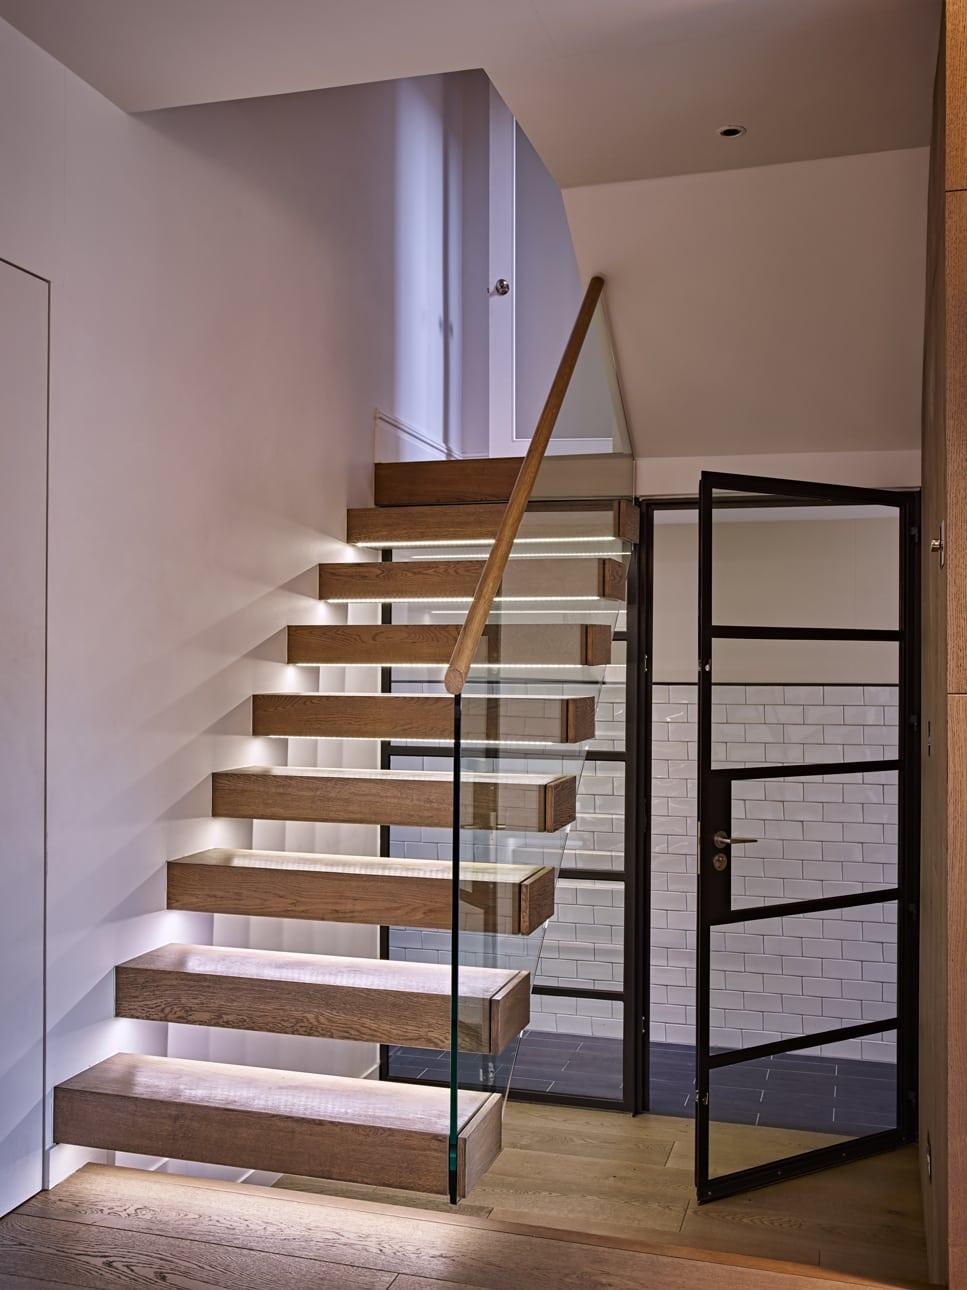 Under lite wooden sleeper staircase